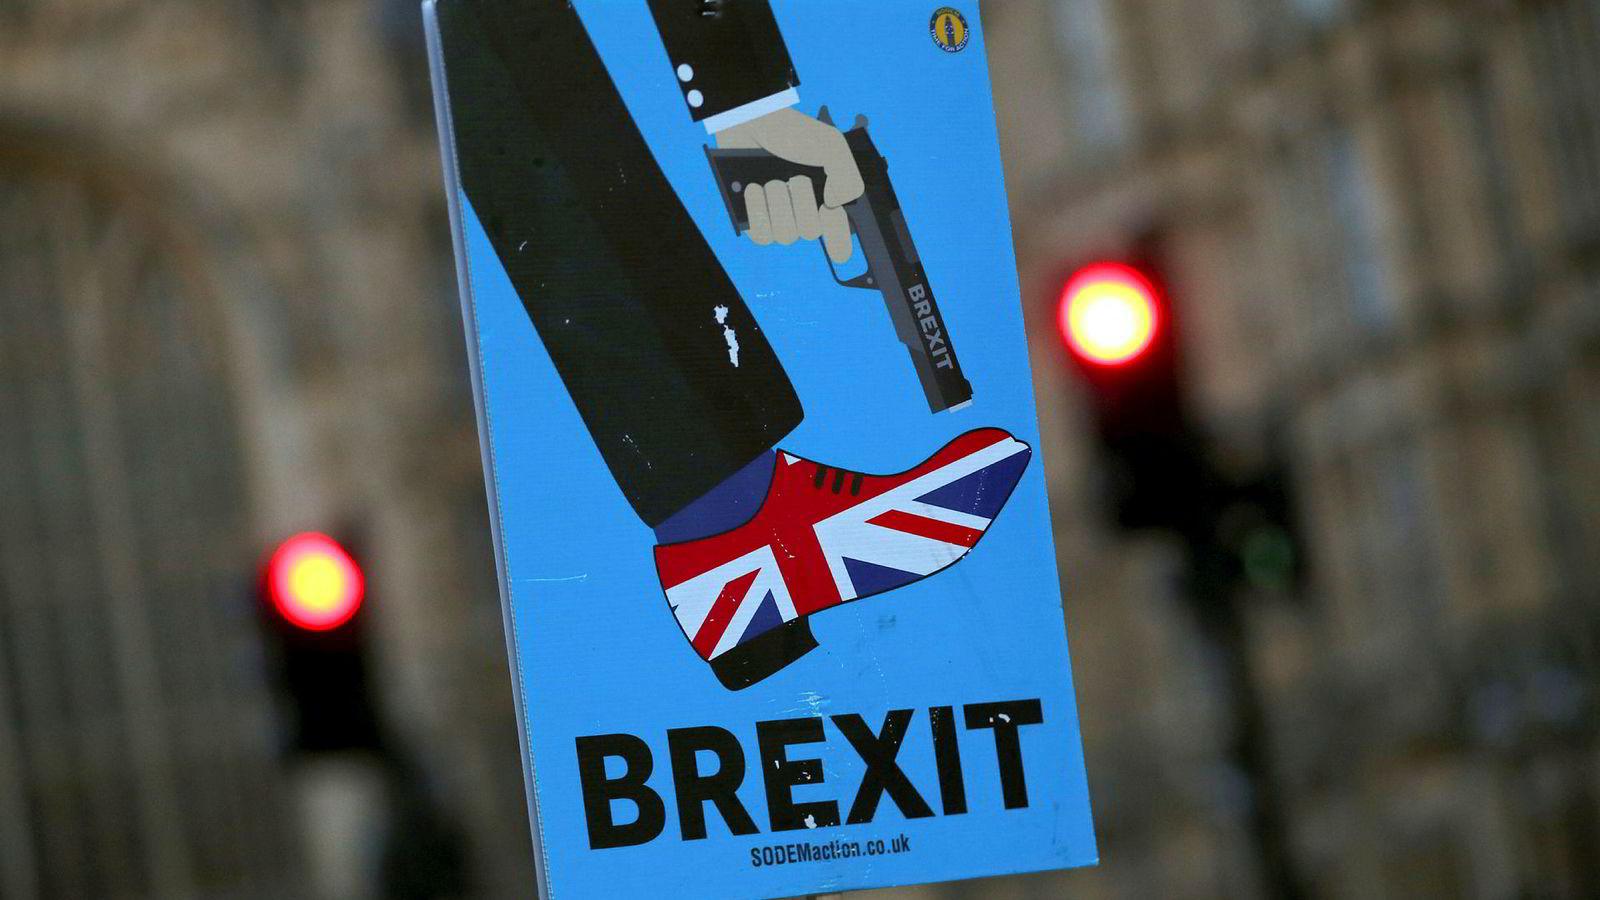 De som ønsker at Norge skal ut av EØS, bør lære av det kaoset dette har vært med på å skape for Storbritannia.